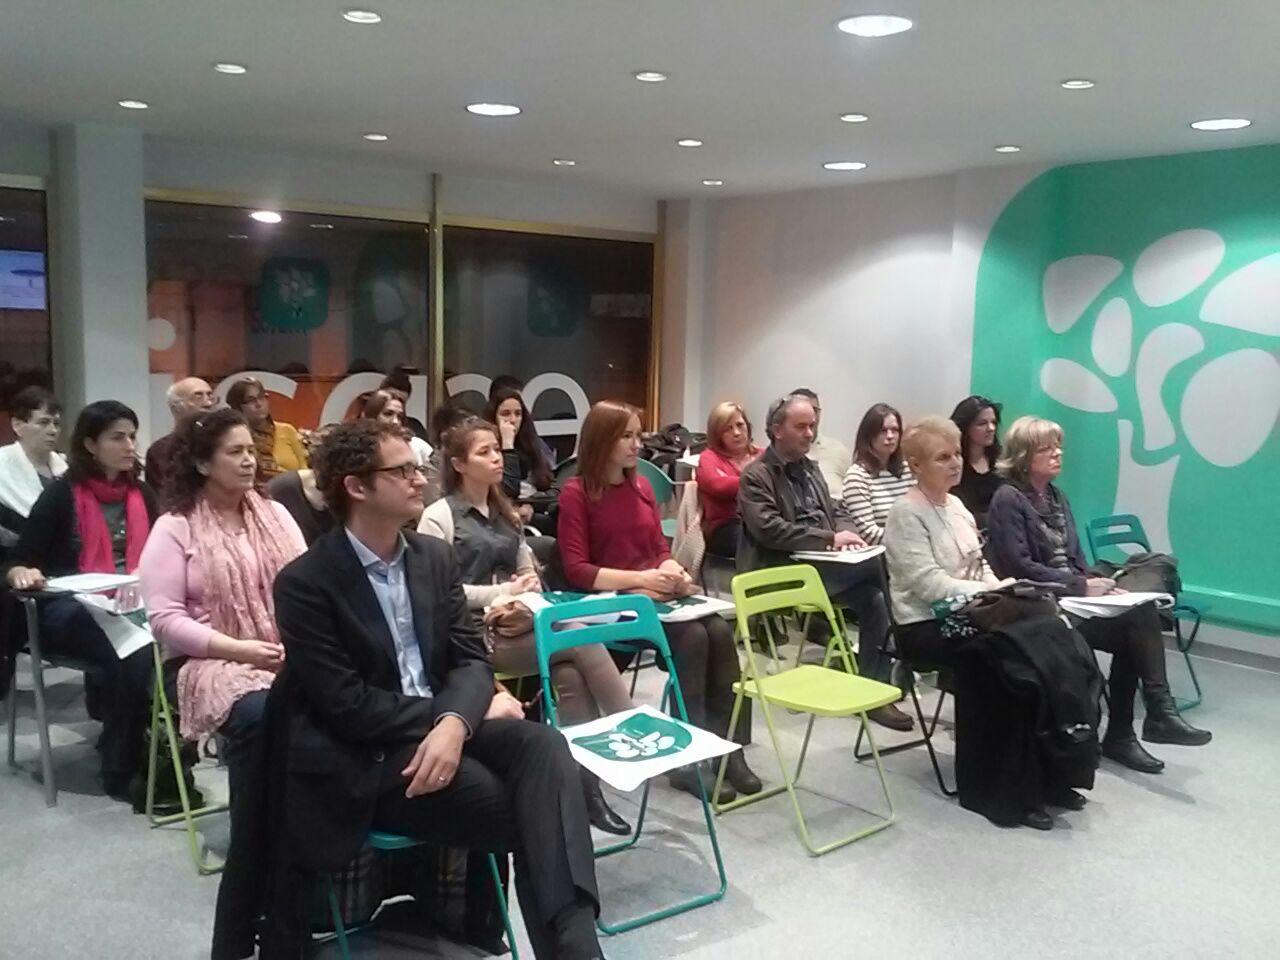 Nuevo ciclo de «Charlas Saludables» en las oficinas de Mútua General de Catalunya